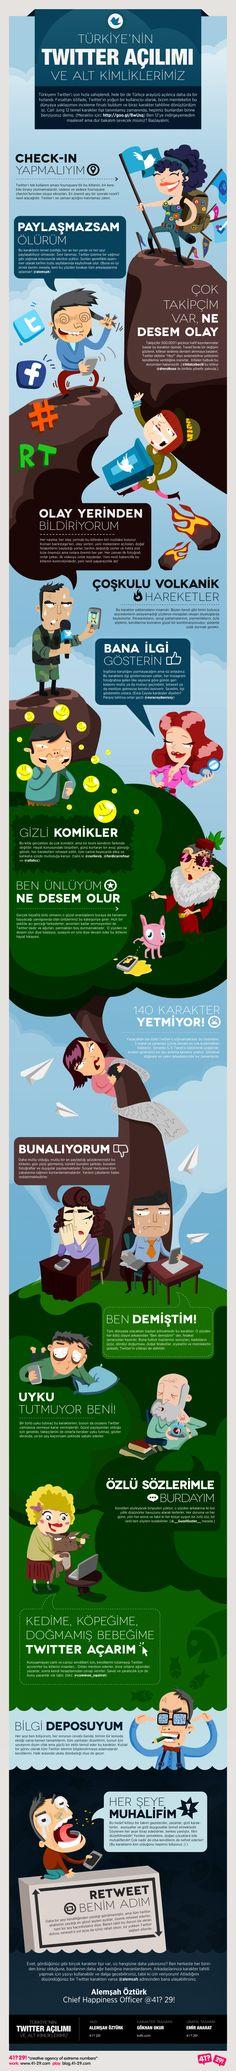 Türkiye'nin twitter açılımı